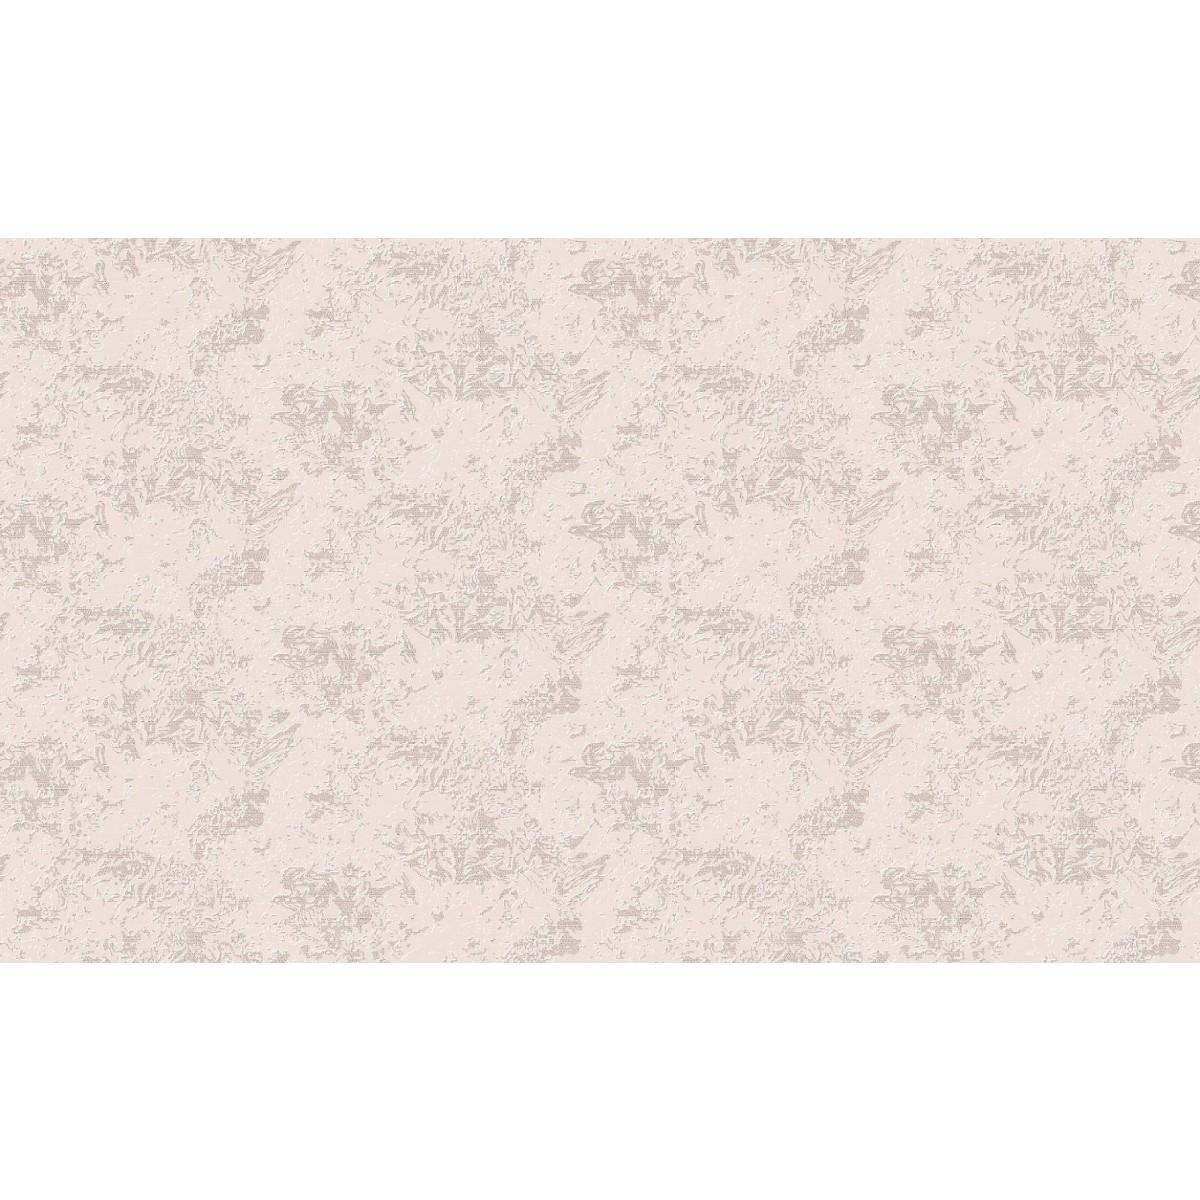 Обои флизелиновые Wallberry Тиффани бежевые 1.06 м 4852